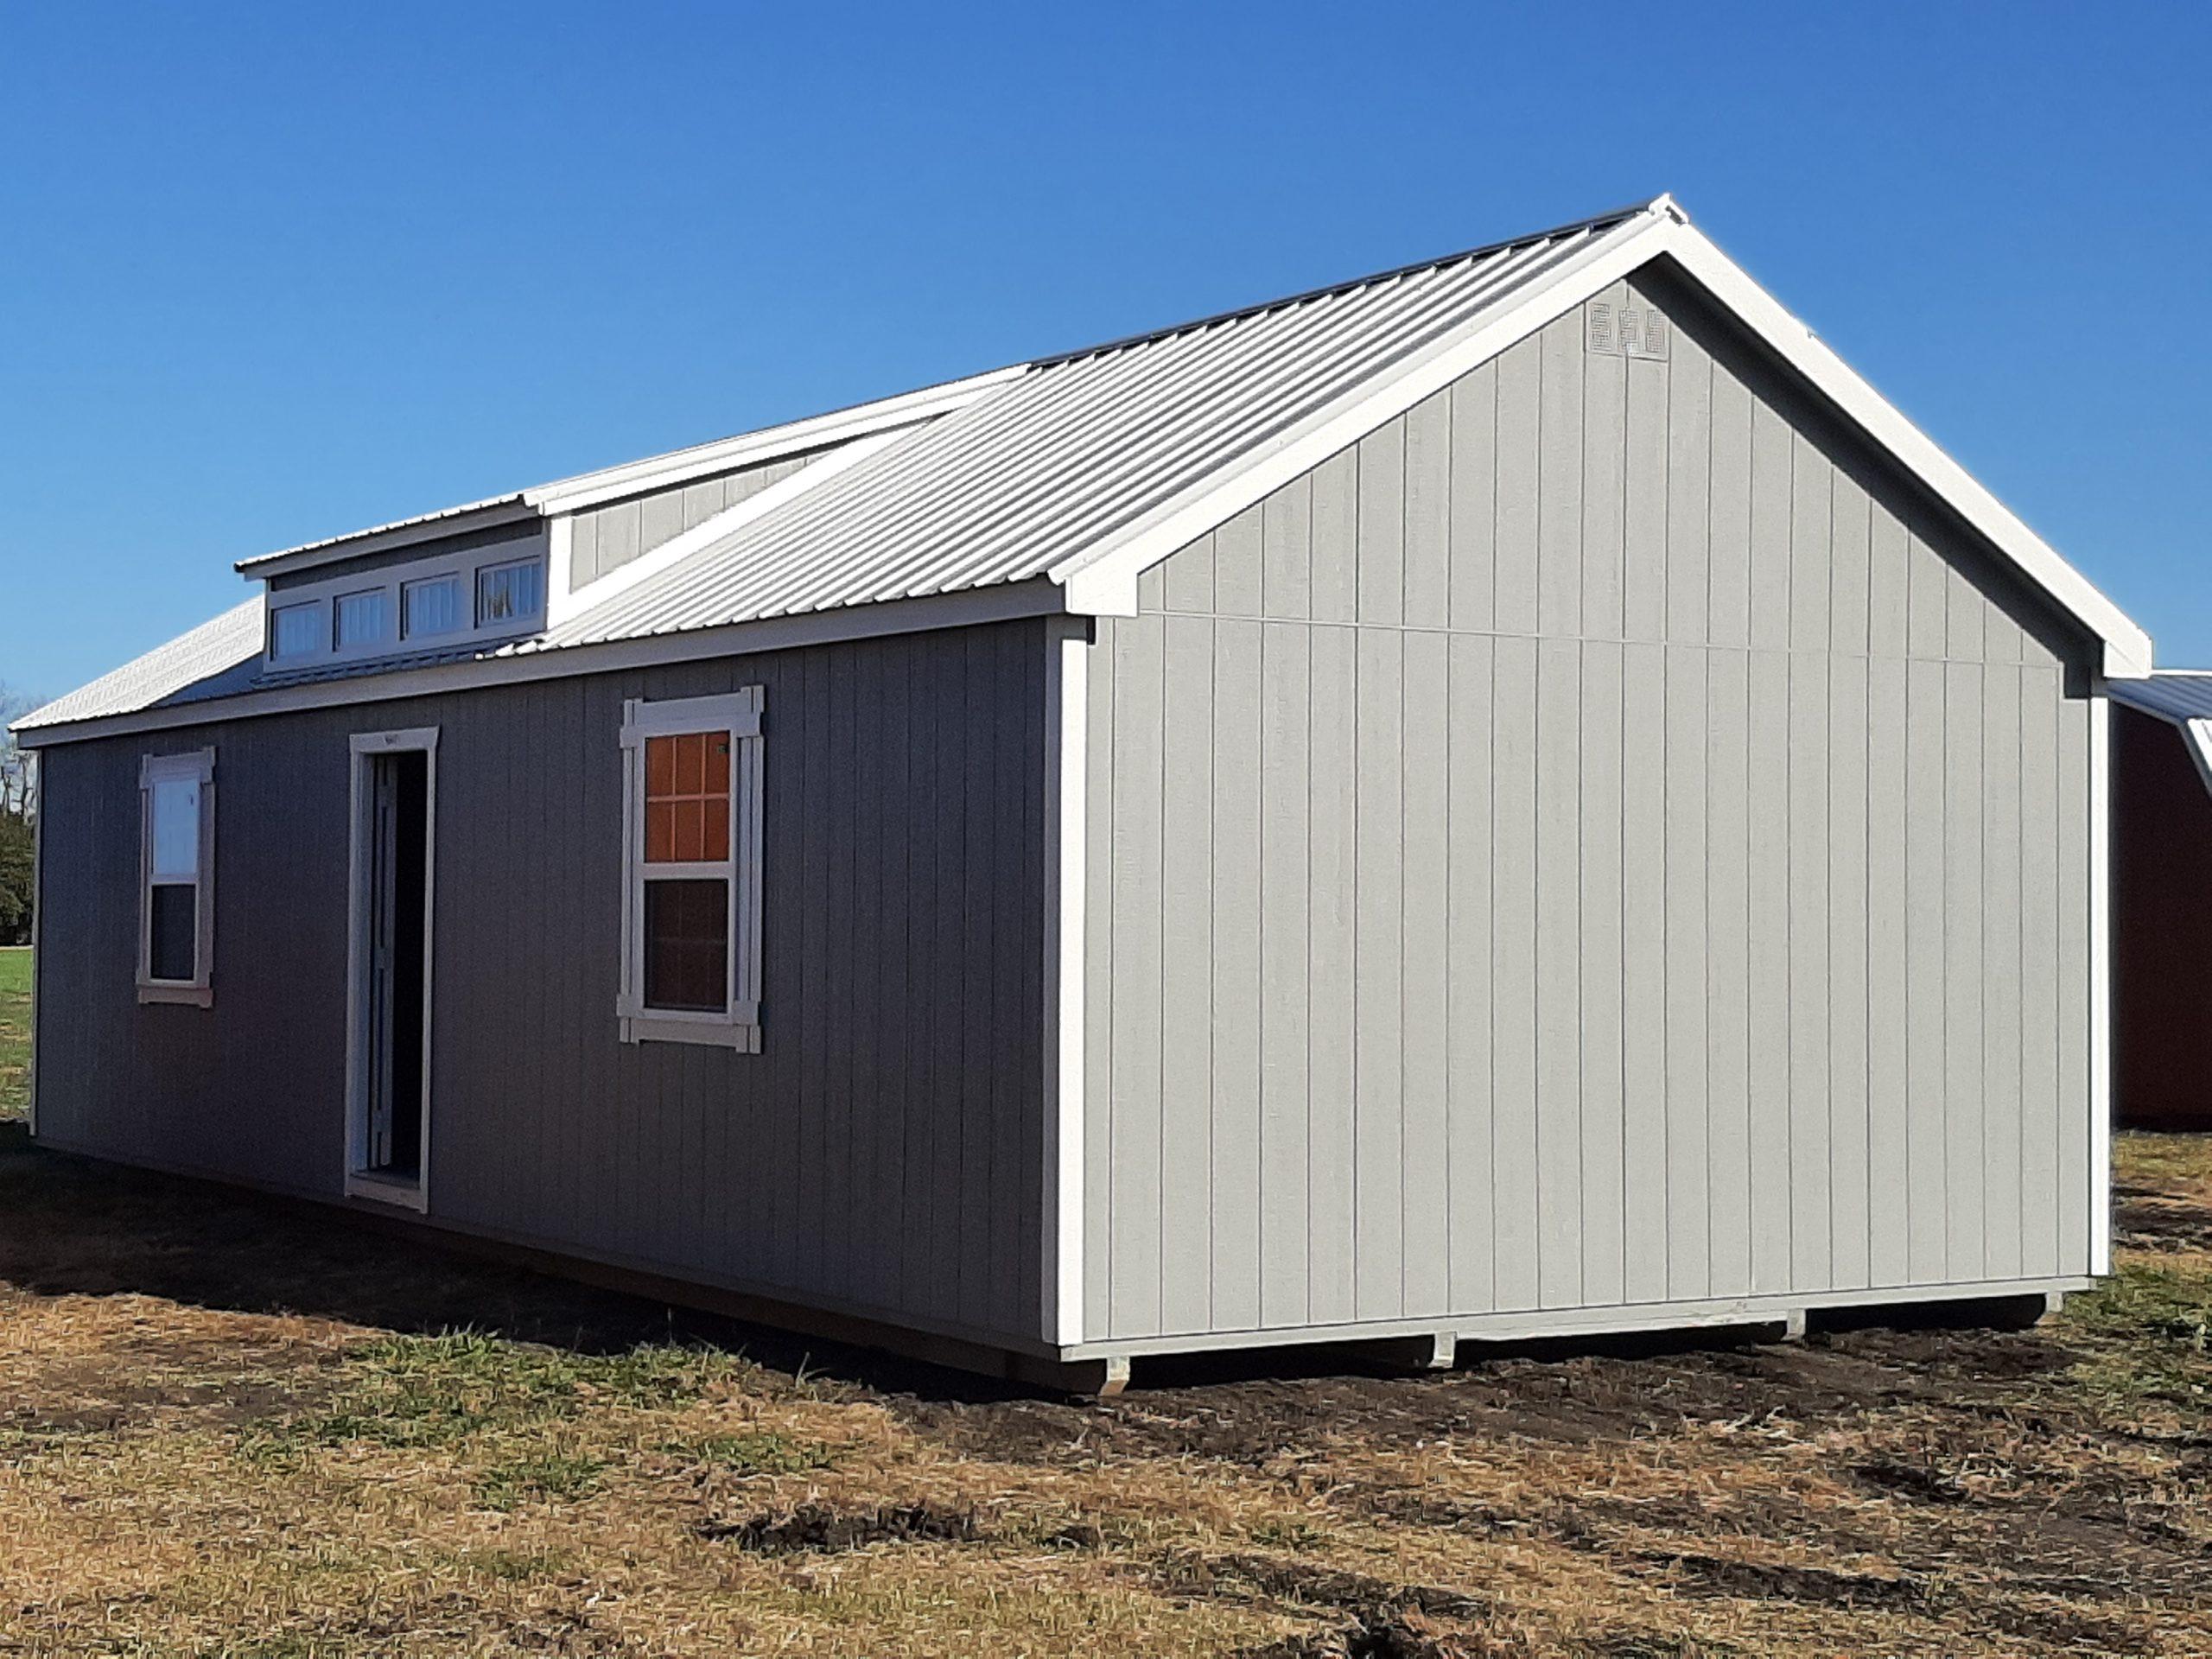 16x40 Dormer Cabin Image